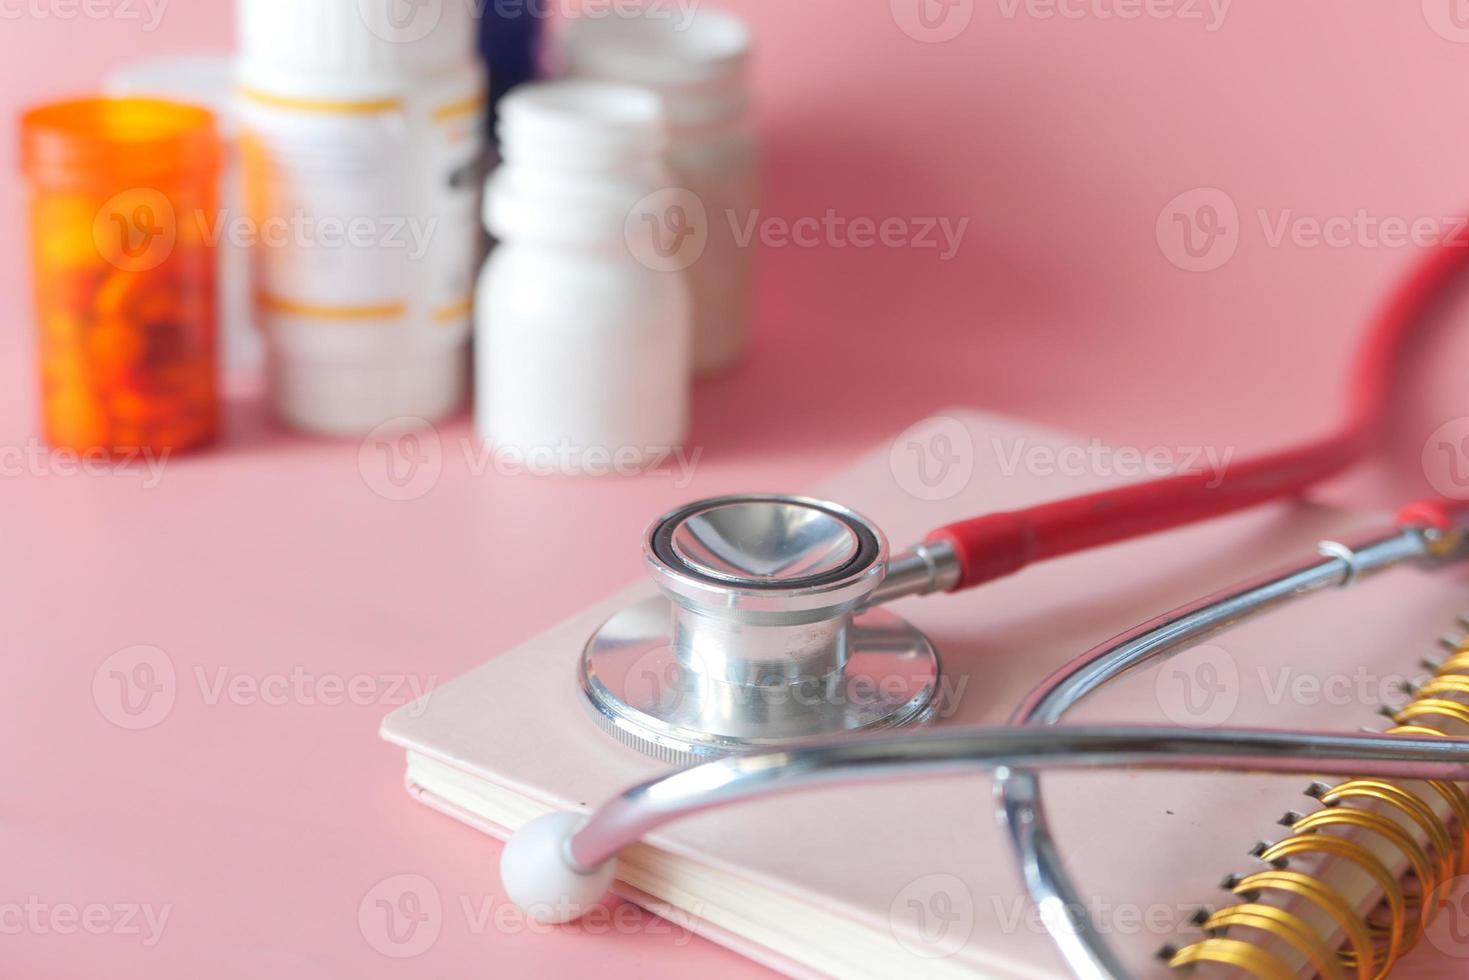 Envase de estetoscopio y pastillas sobre fondo de color rosa foto